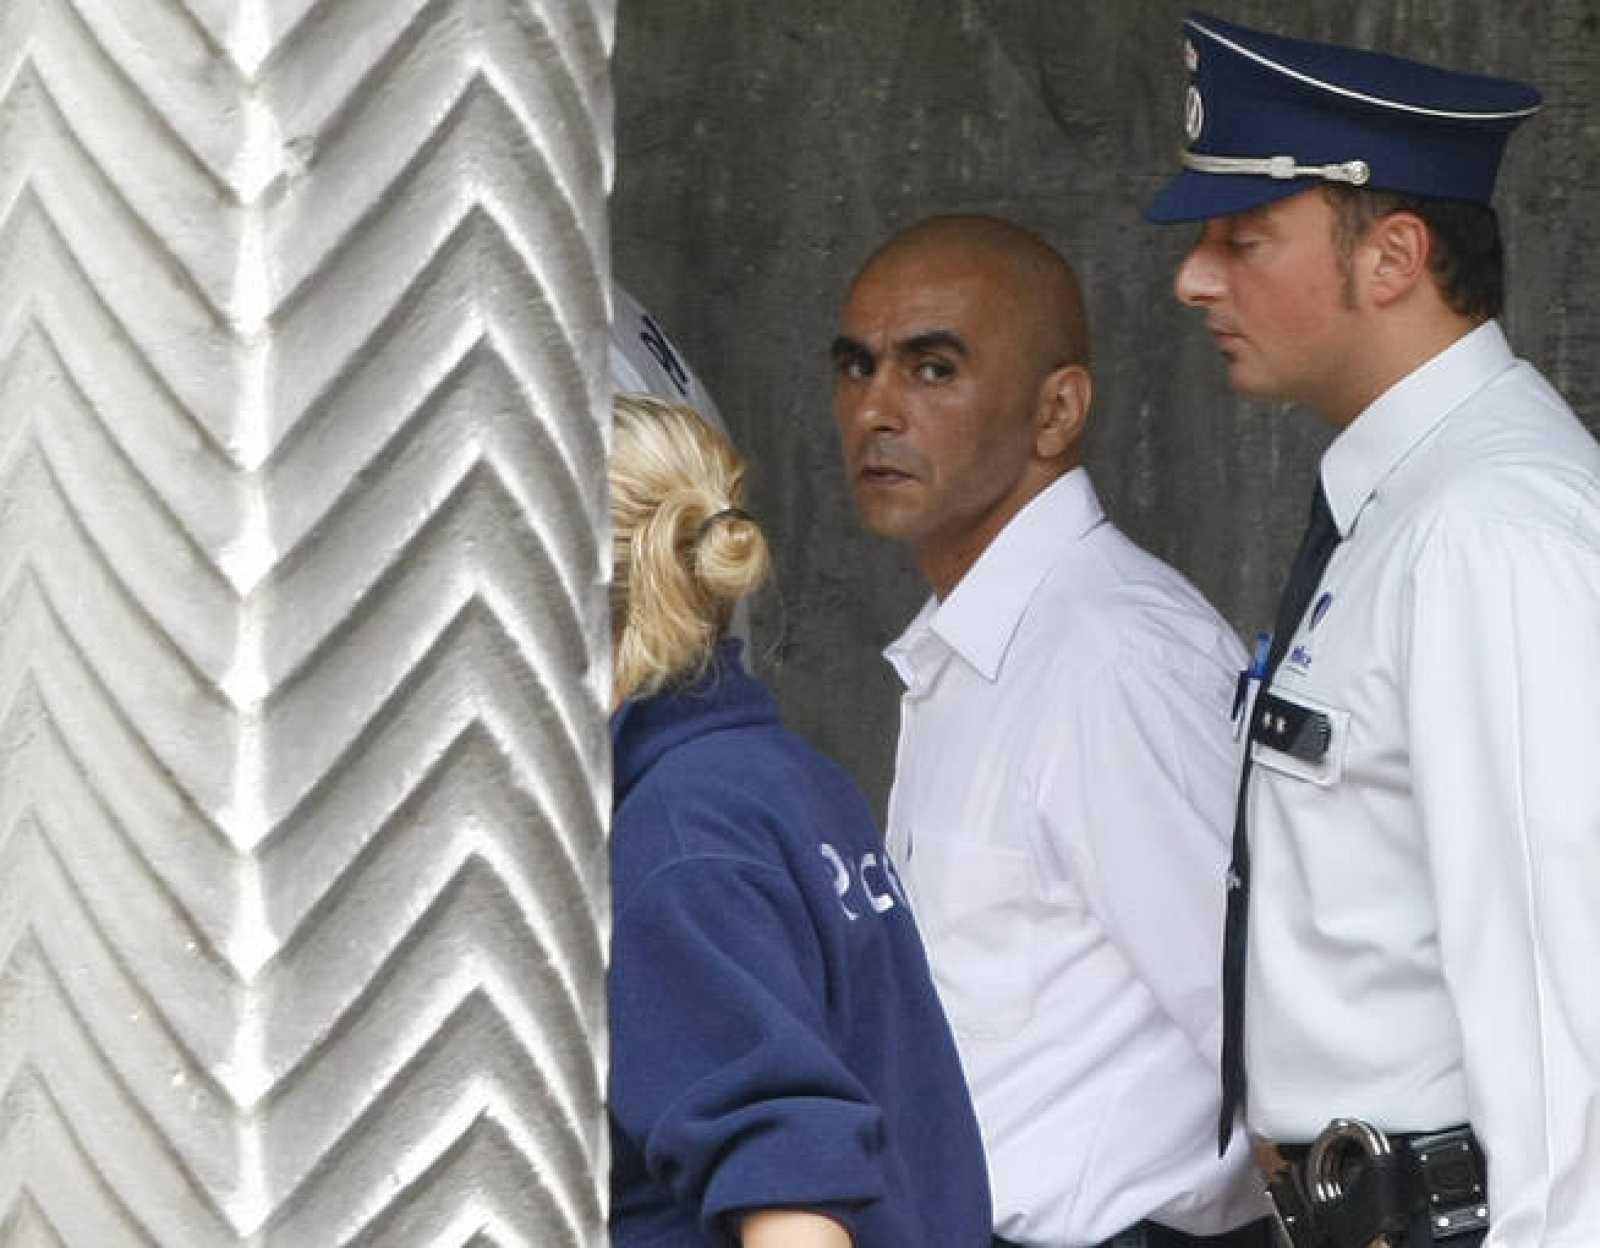 Abdallah Ait Oud, escoltado por un policía, en el primer día de su juicio en Lieja acusado de violar y asesinar a dos niñas.